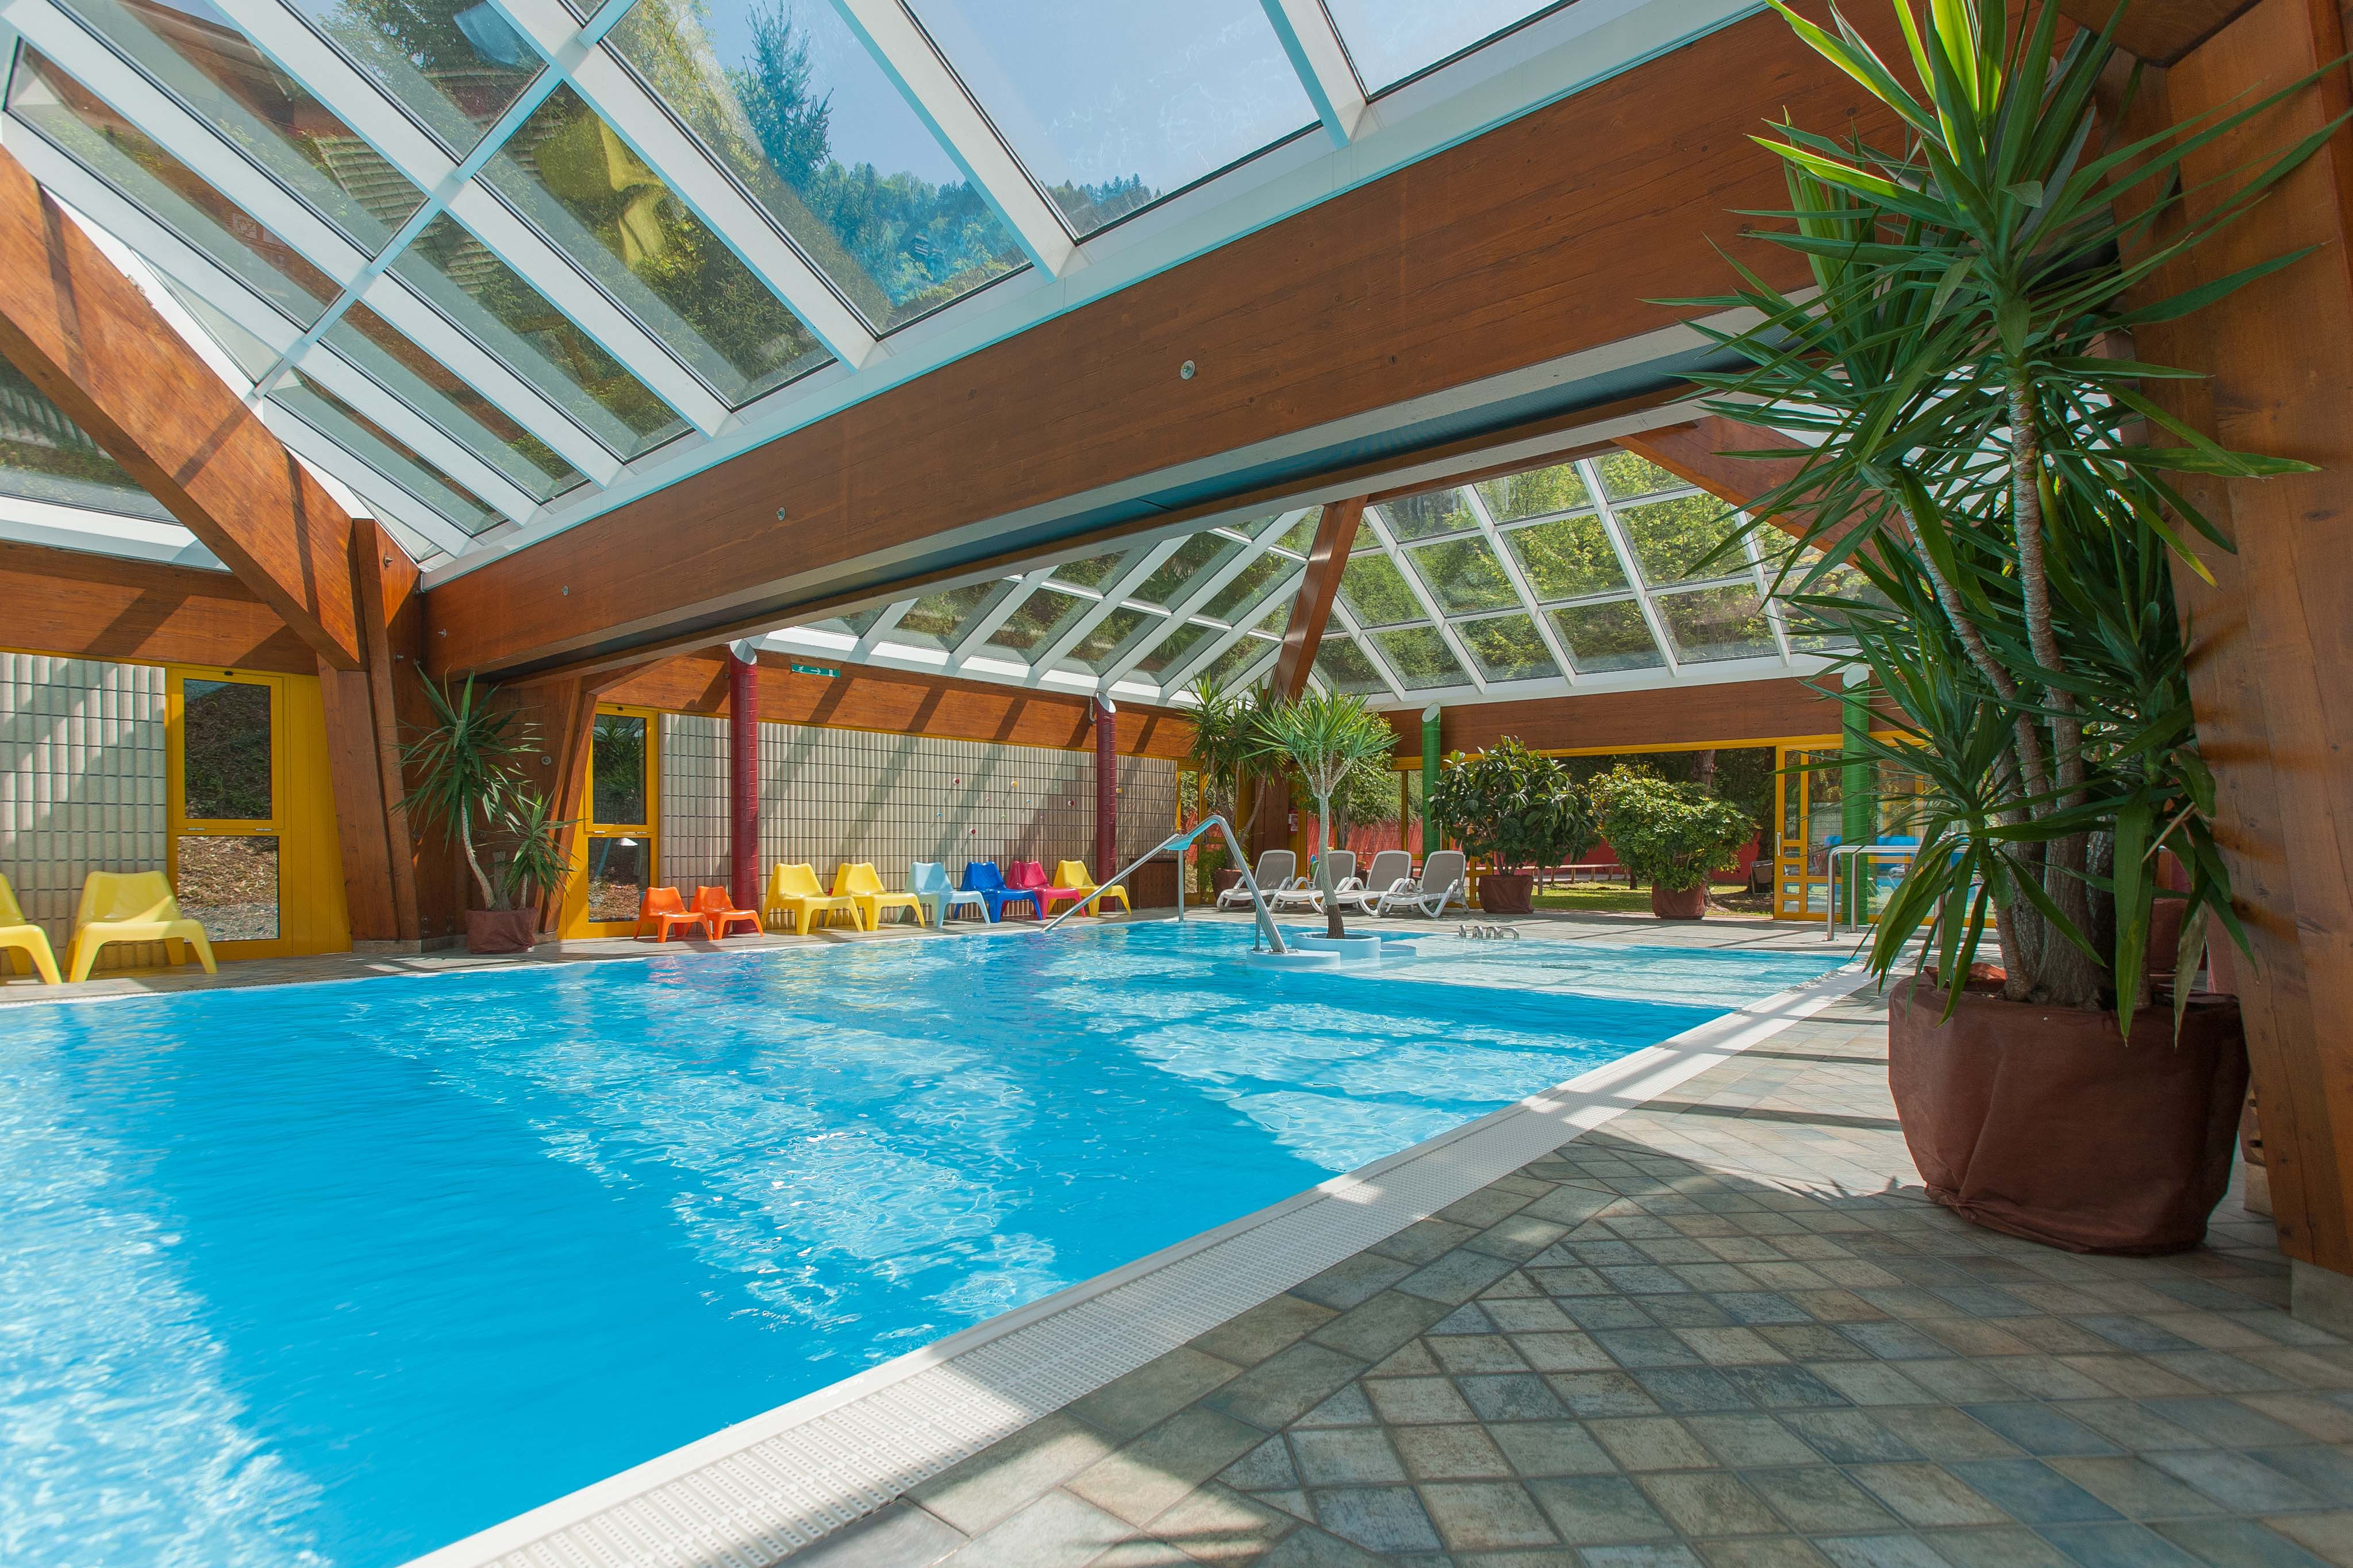 Hotel con spa wellness terme sauna bagno turco piscina hotel gortani - Hotel a castrocaro terme con piscina ...